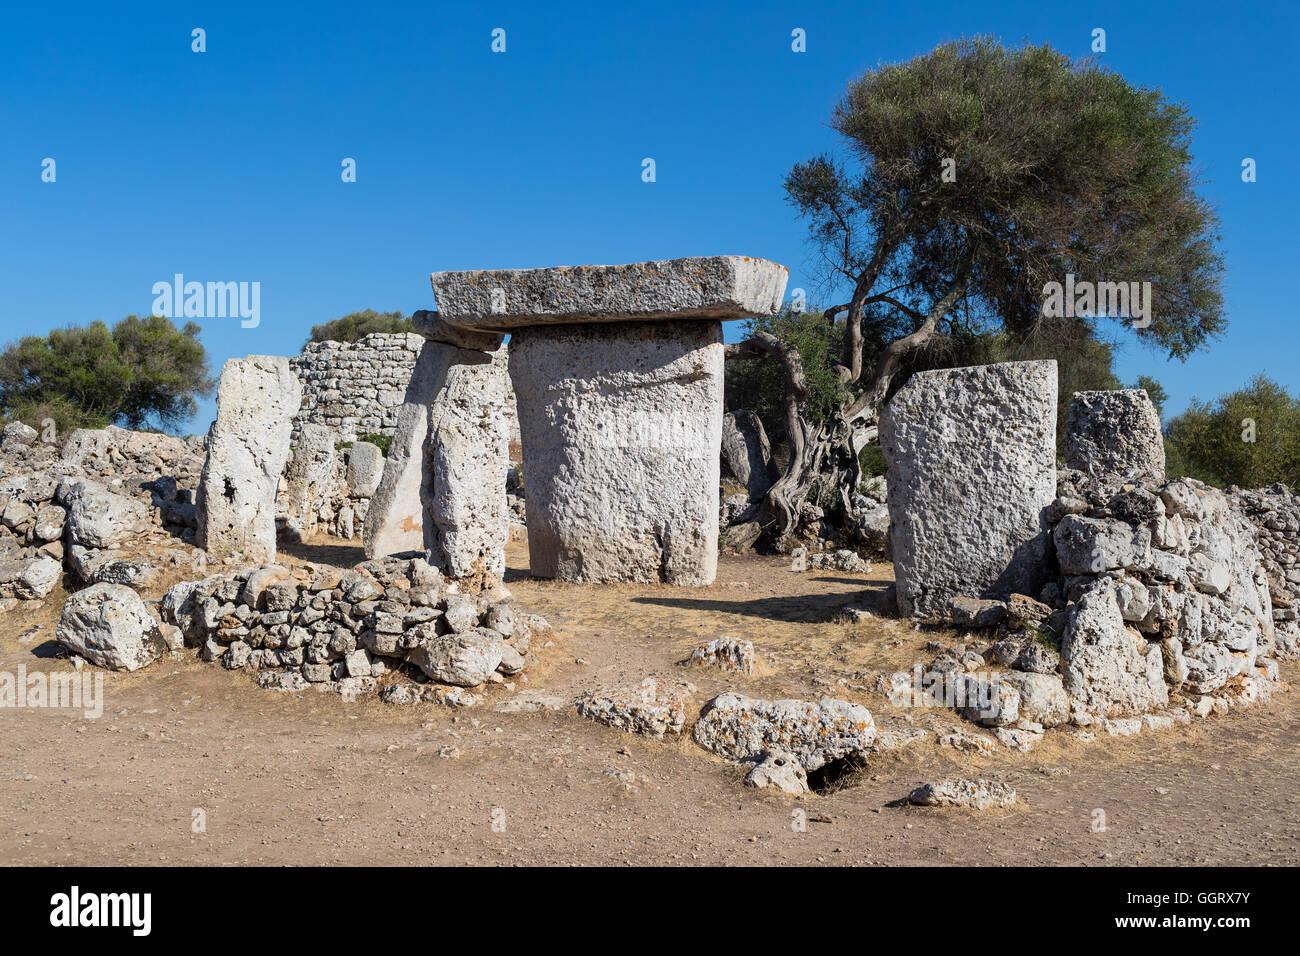 Prehistoric dolmen - Stock Image